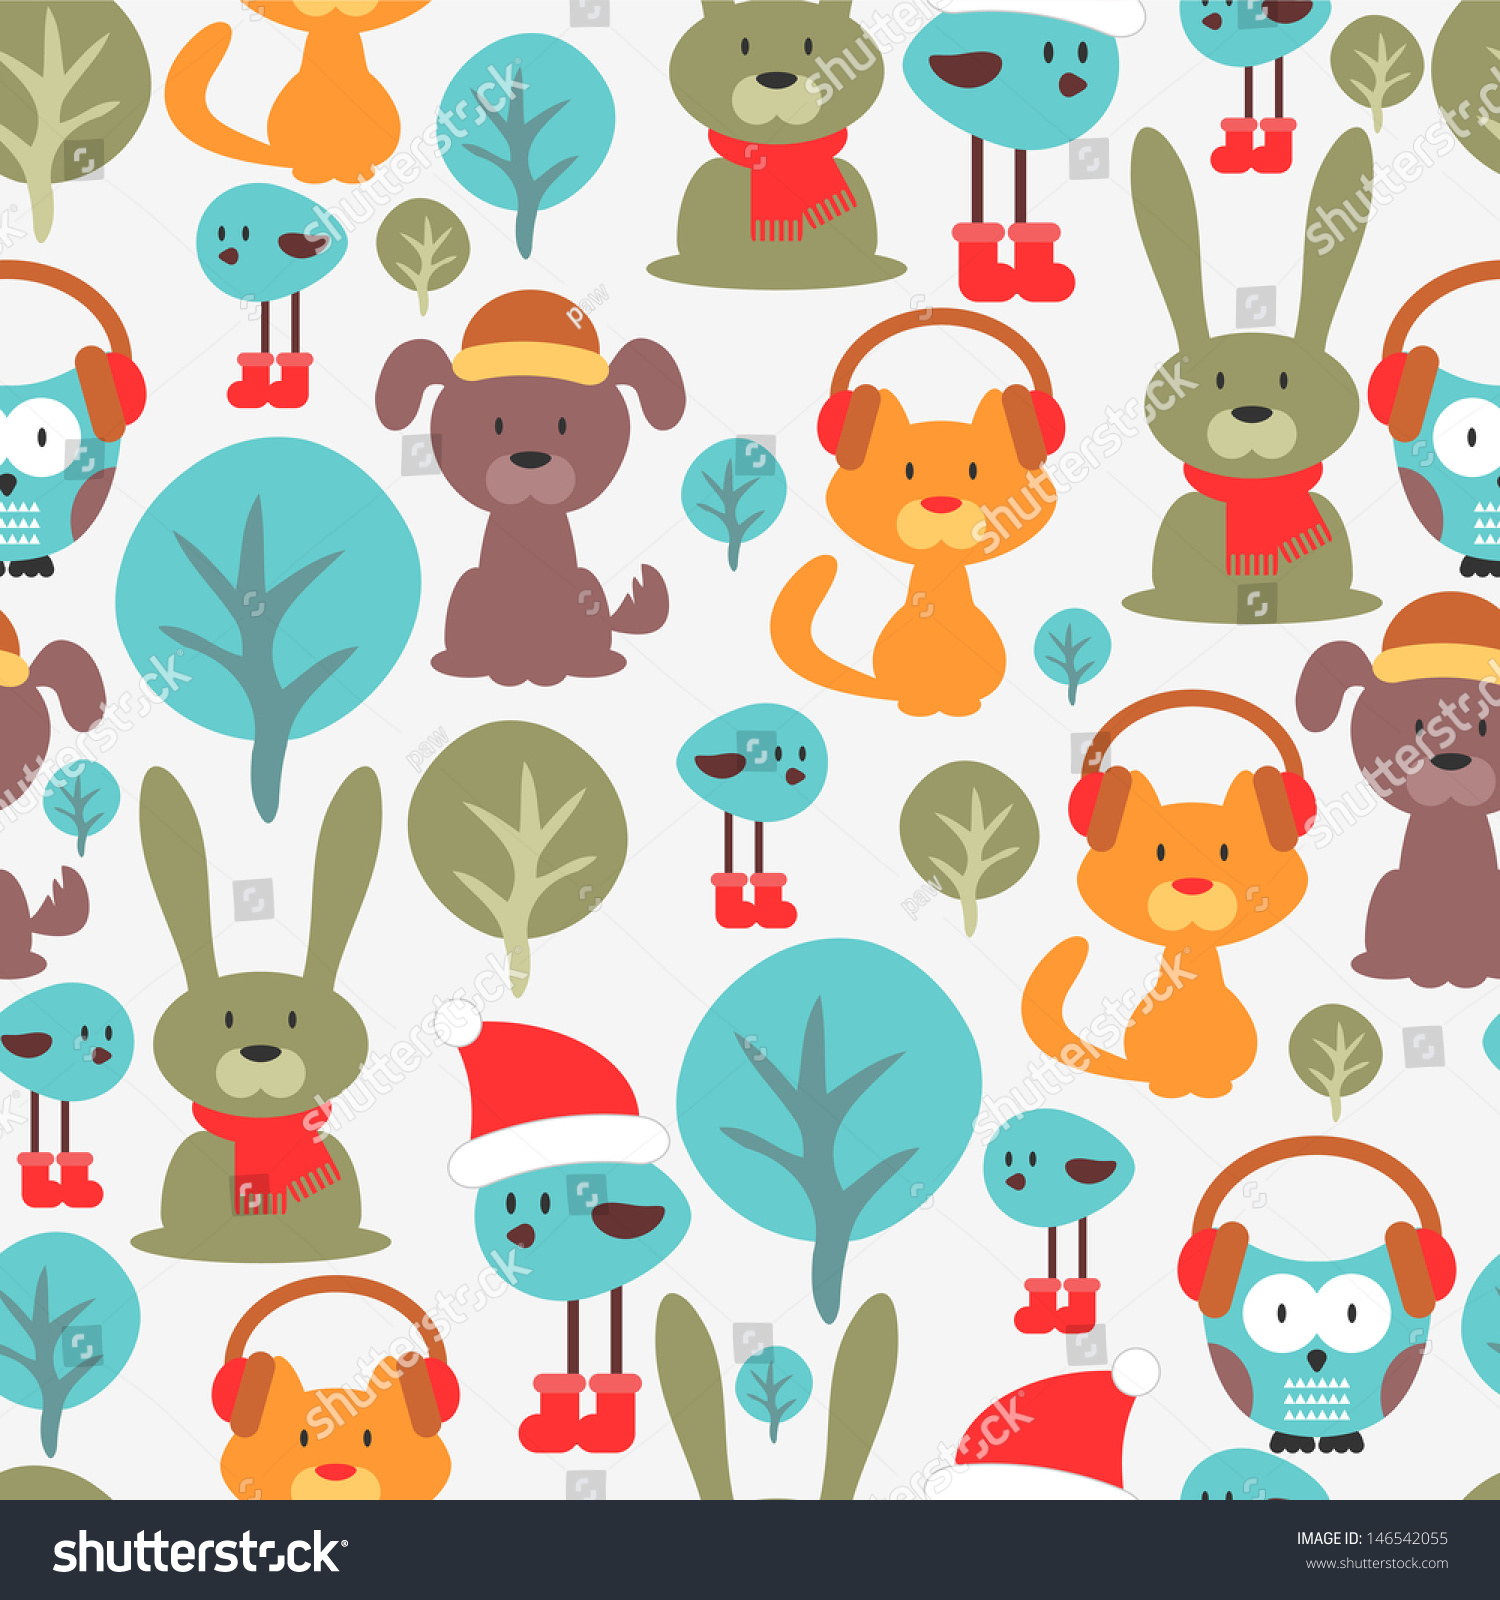 无缝模式与可爱有趣的动物-动物/野生生物,背景/素材